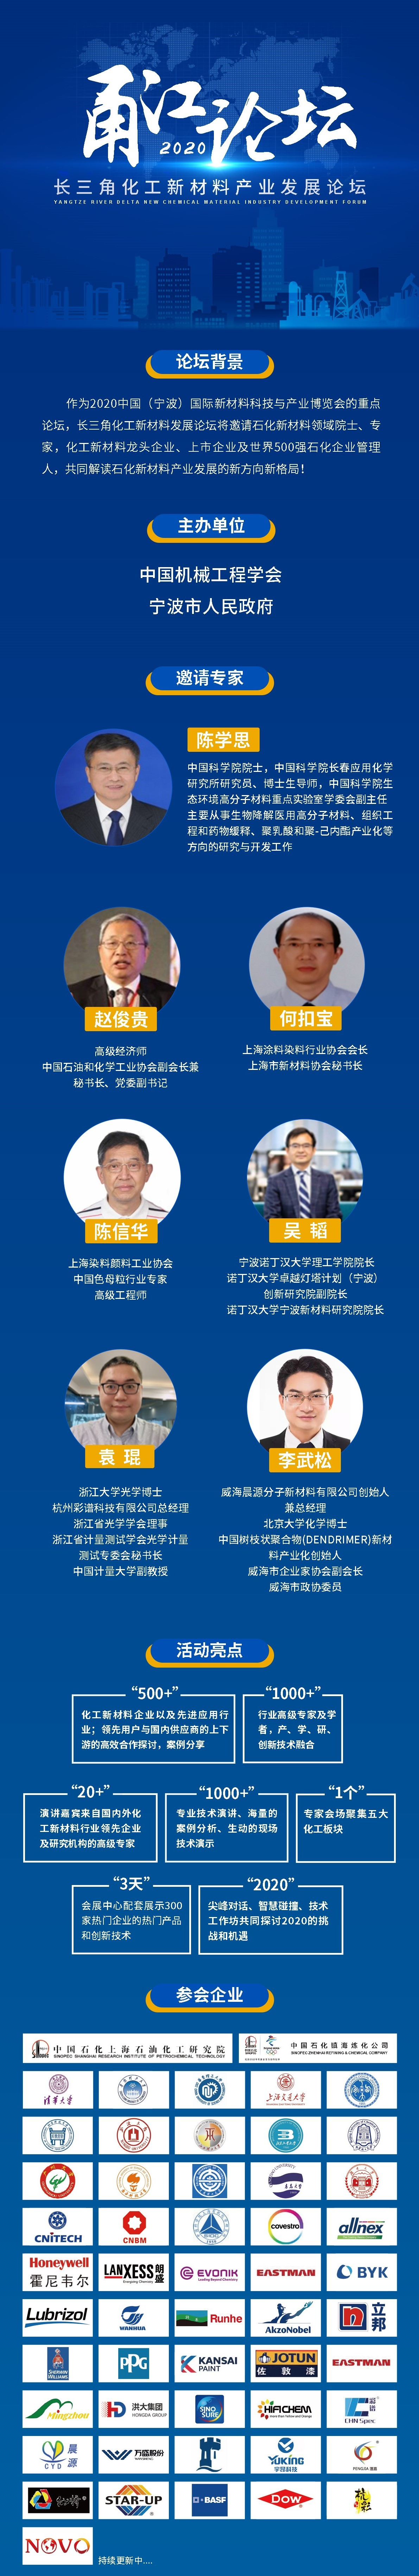 2020中国(宁波)国际新材料科技与产业博览会(2002甬江论坛长三角化工新材料产业发展论坛)